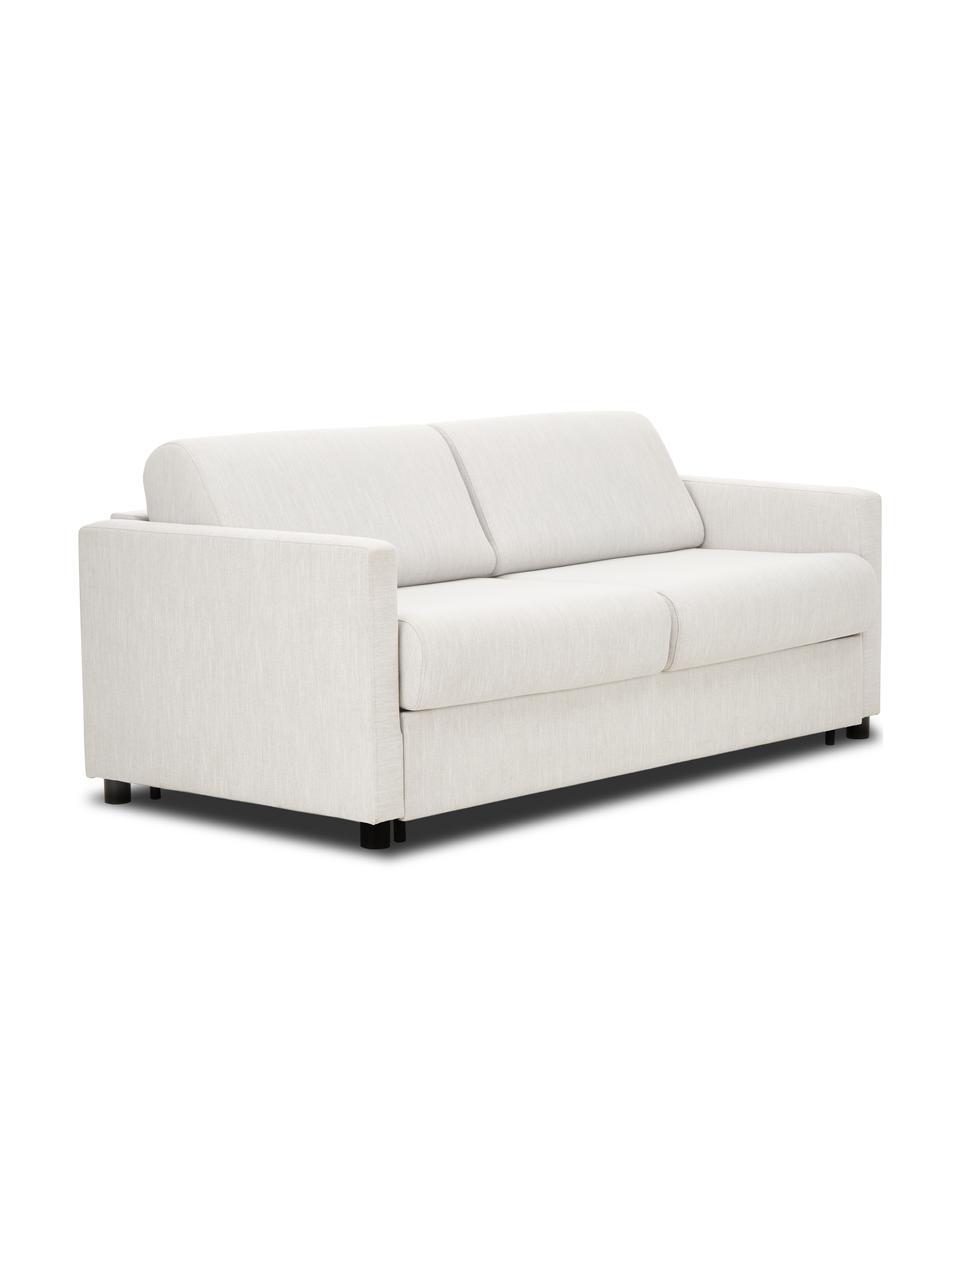 Schlafsofa Morgan (2-Sitzer) in Beige, mit Matratze, Bezug: 100% Polyester Der hochwe, Füße: Massives Kiefernholz, lac, Beige, B 187 x T 92 cm